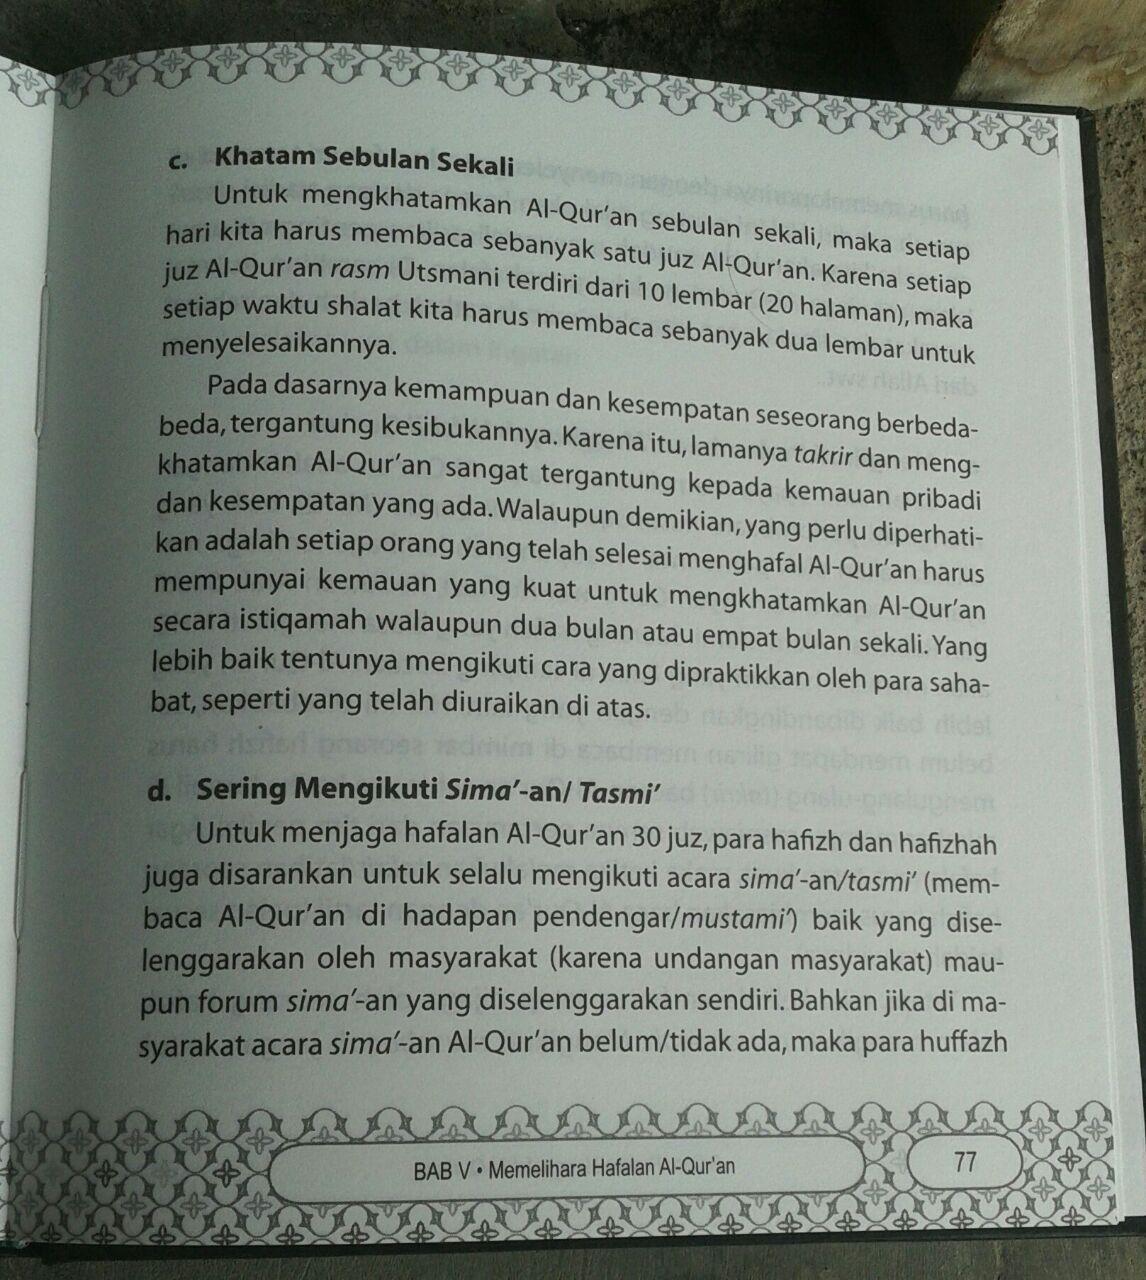 Buku 9 Cara Praktis Menghafal Al-Qur'an isi 4